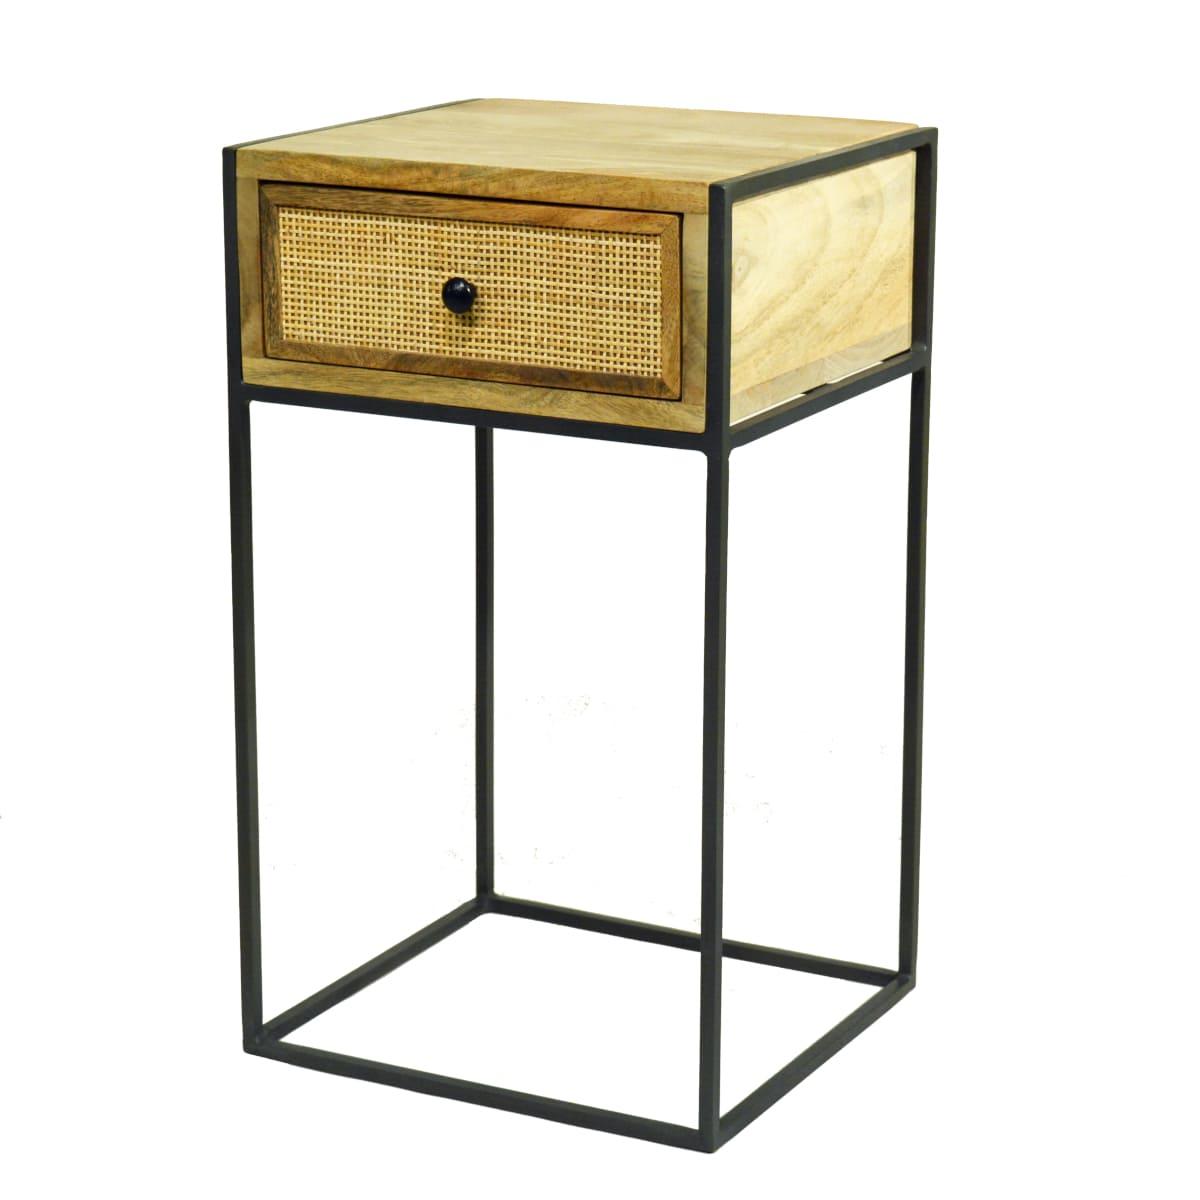 Nachttisch mit Schublade helles Holz, Metallgestell, geradliniges Design